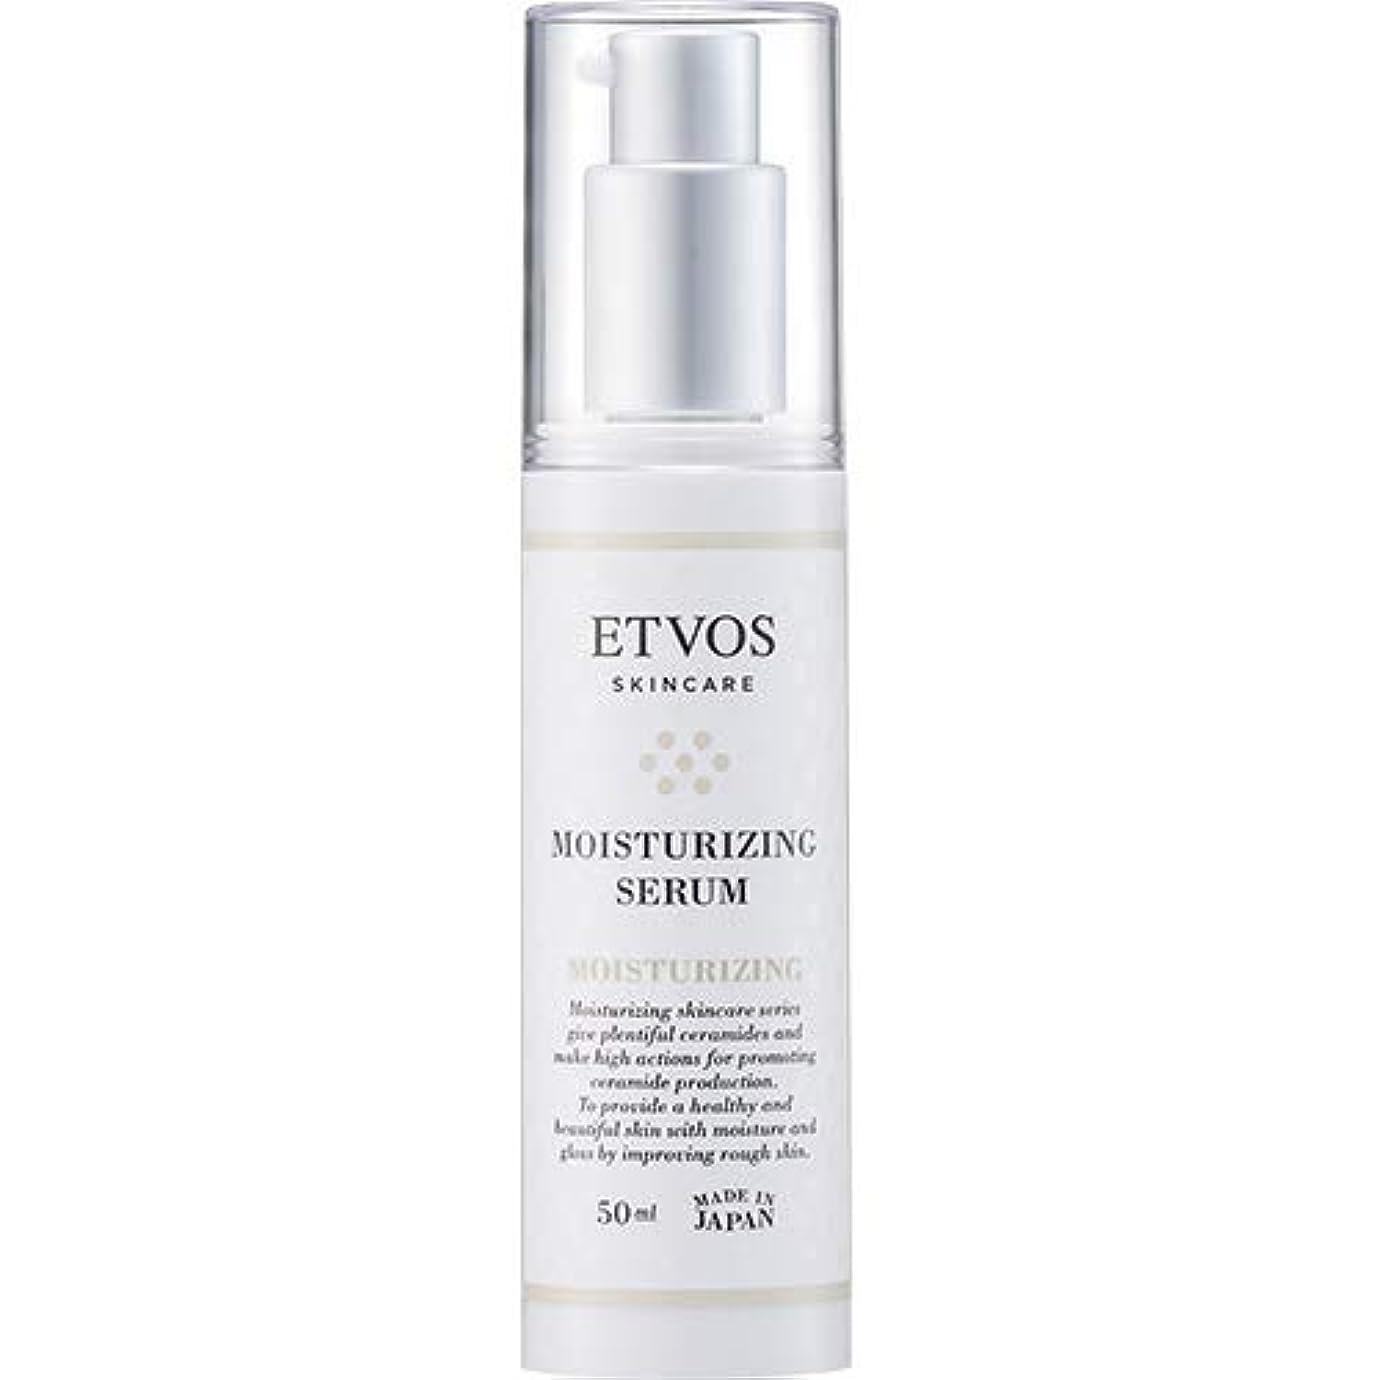 大人聡明教ETVOS(エトヴォス) 保湿美容液 モイスチャライジングセラム 50ml ヒト型セラミド配合 乾燥肌/敏感肌 乳液